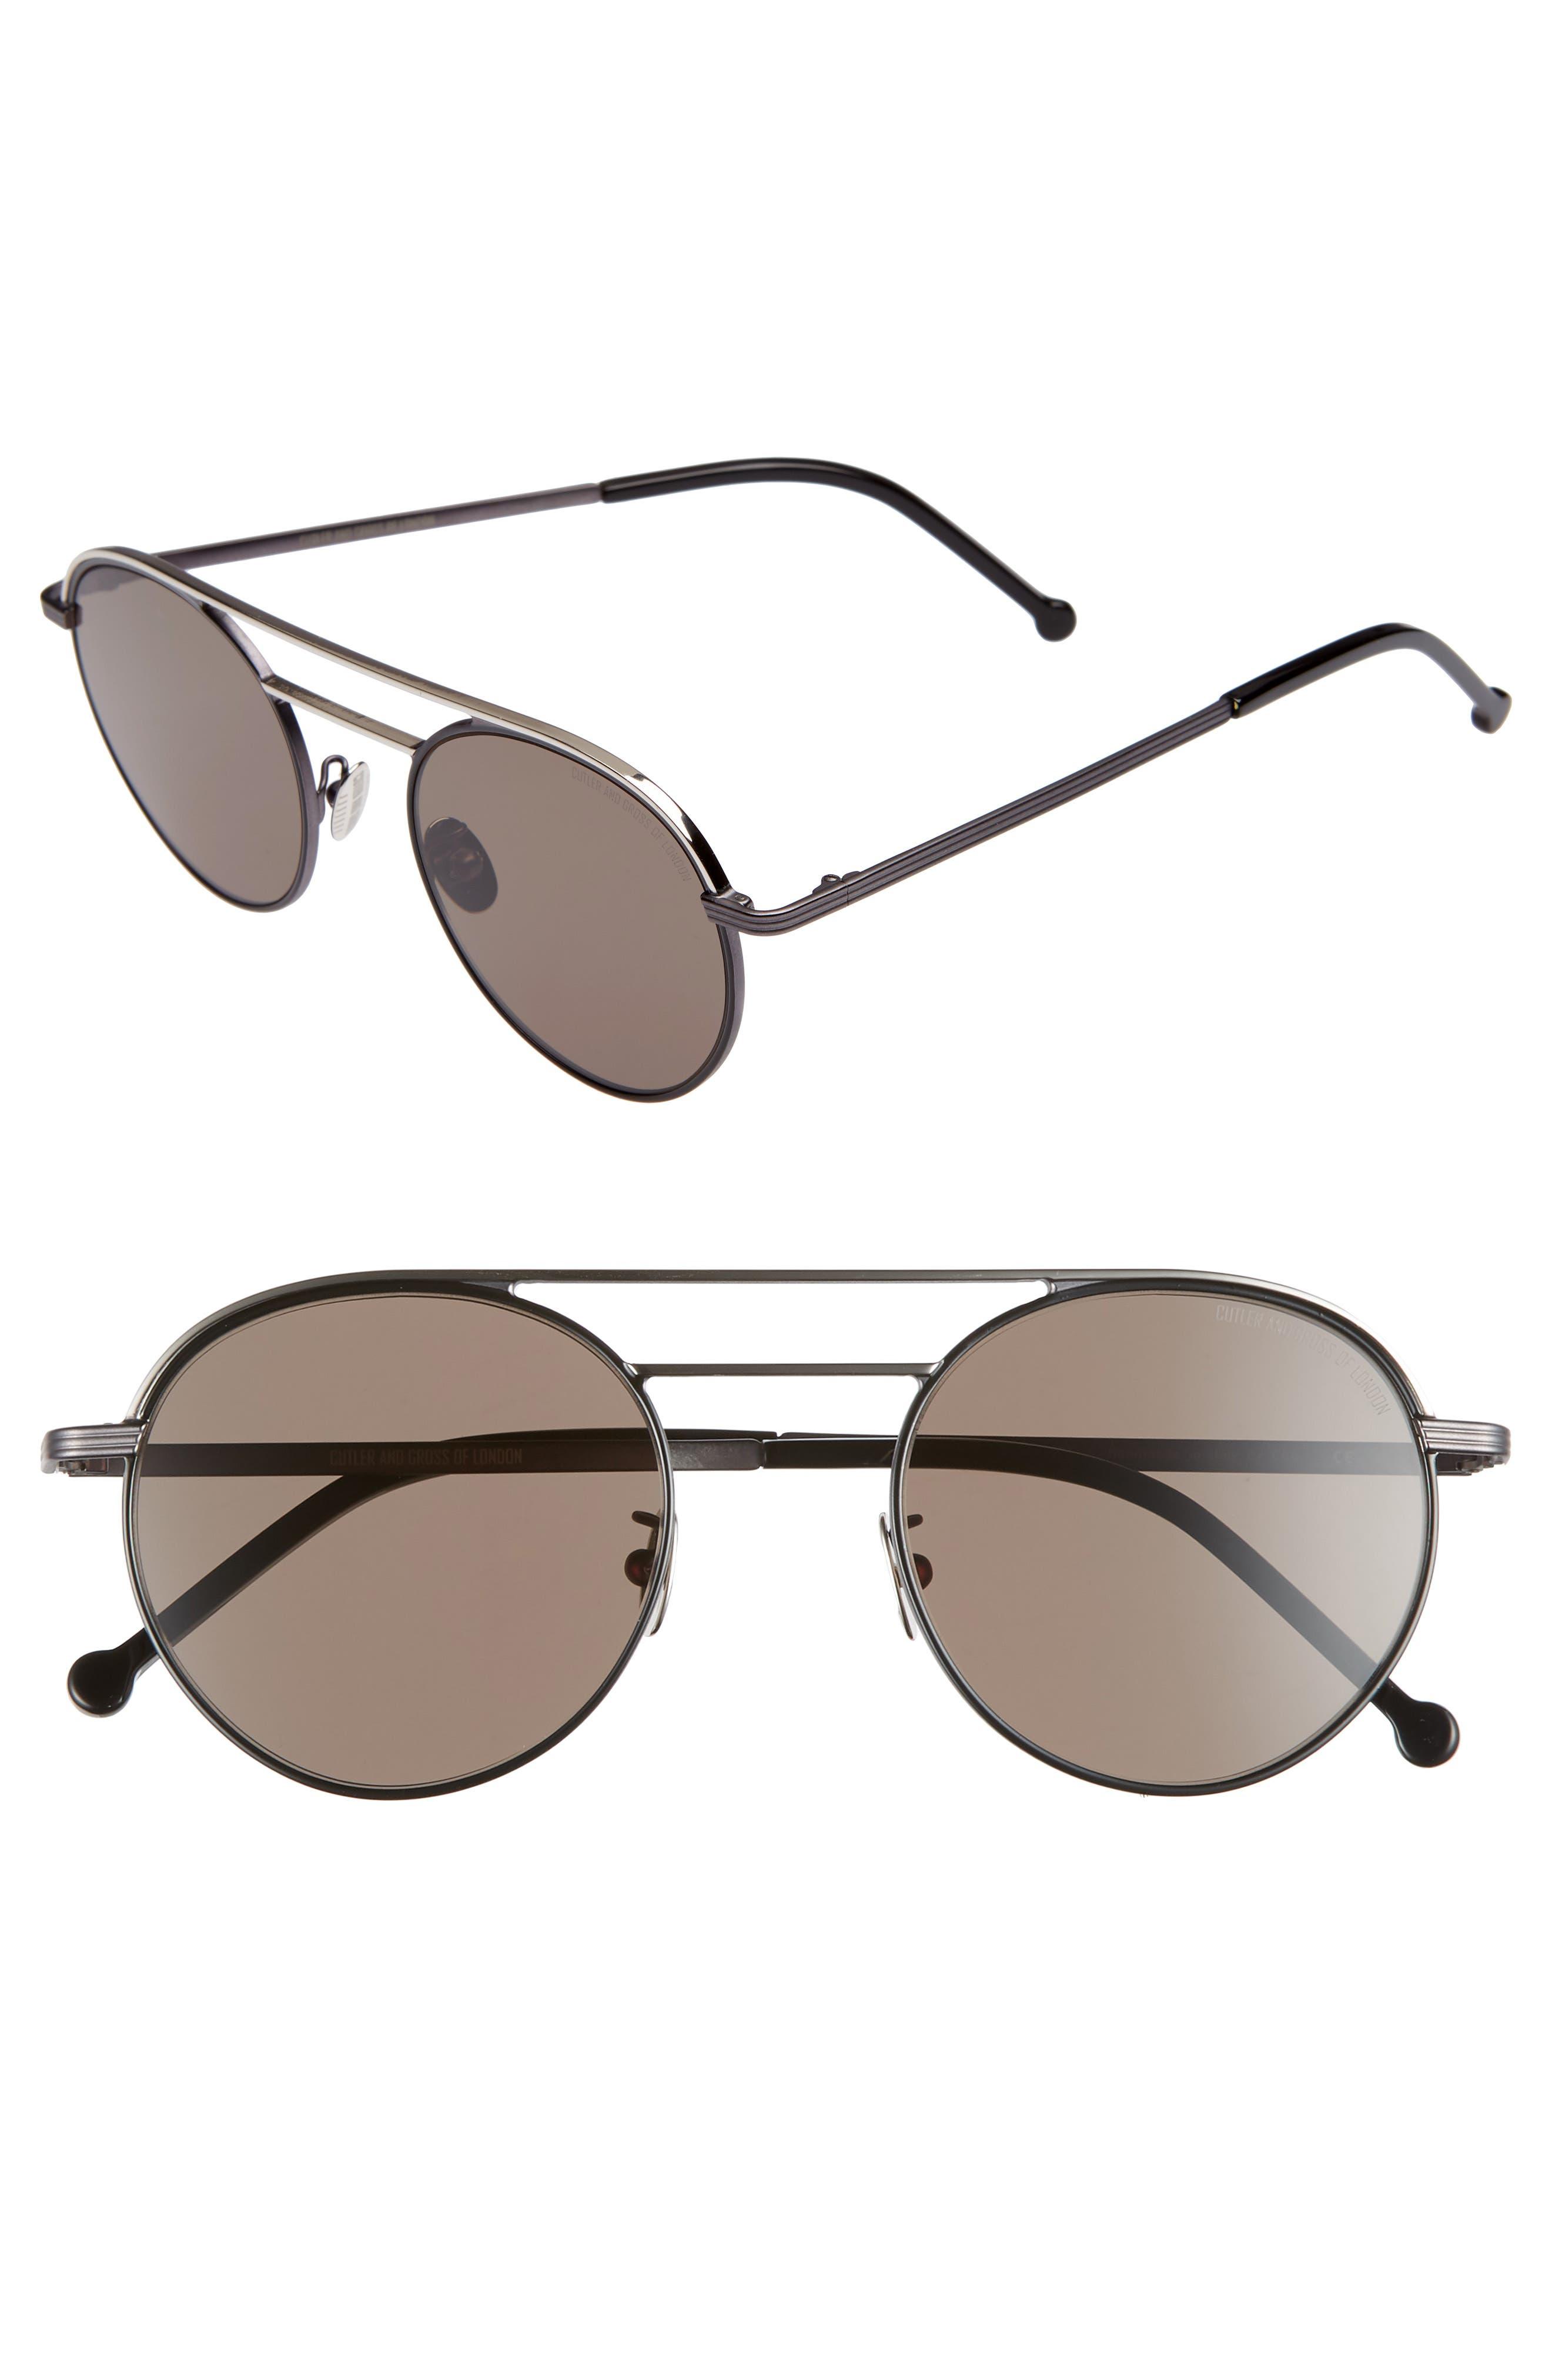 50mm Polarized Round Sunglasses,                             Main thumbnail 1, color,                             BLACK/ BLACK